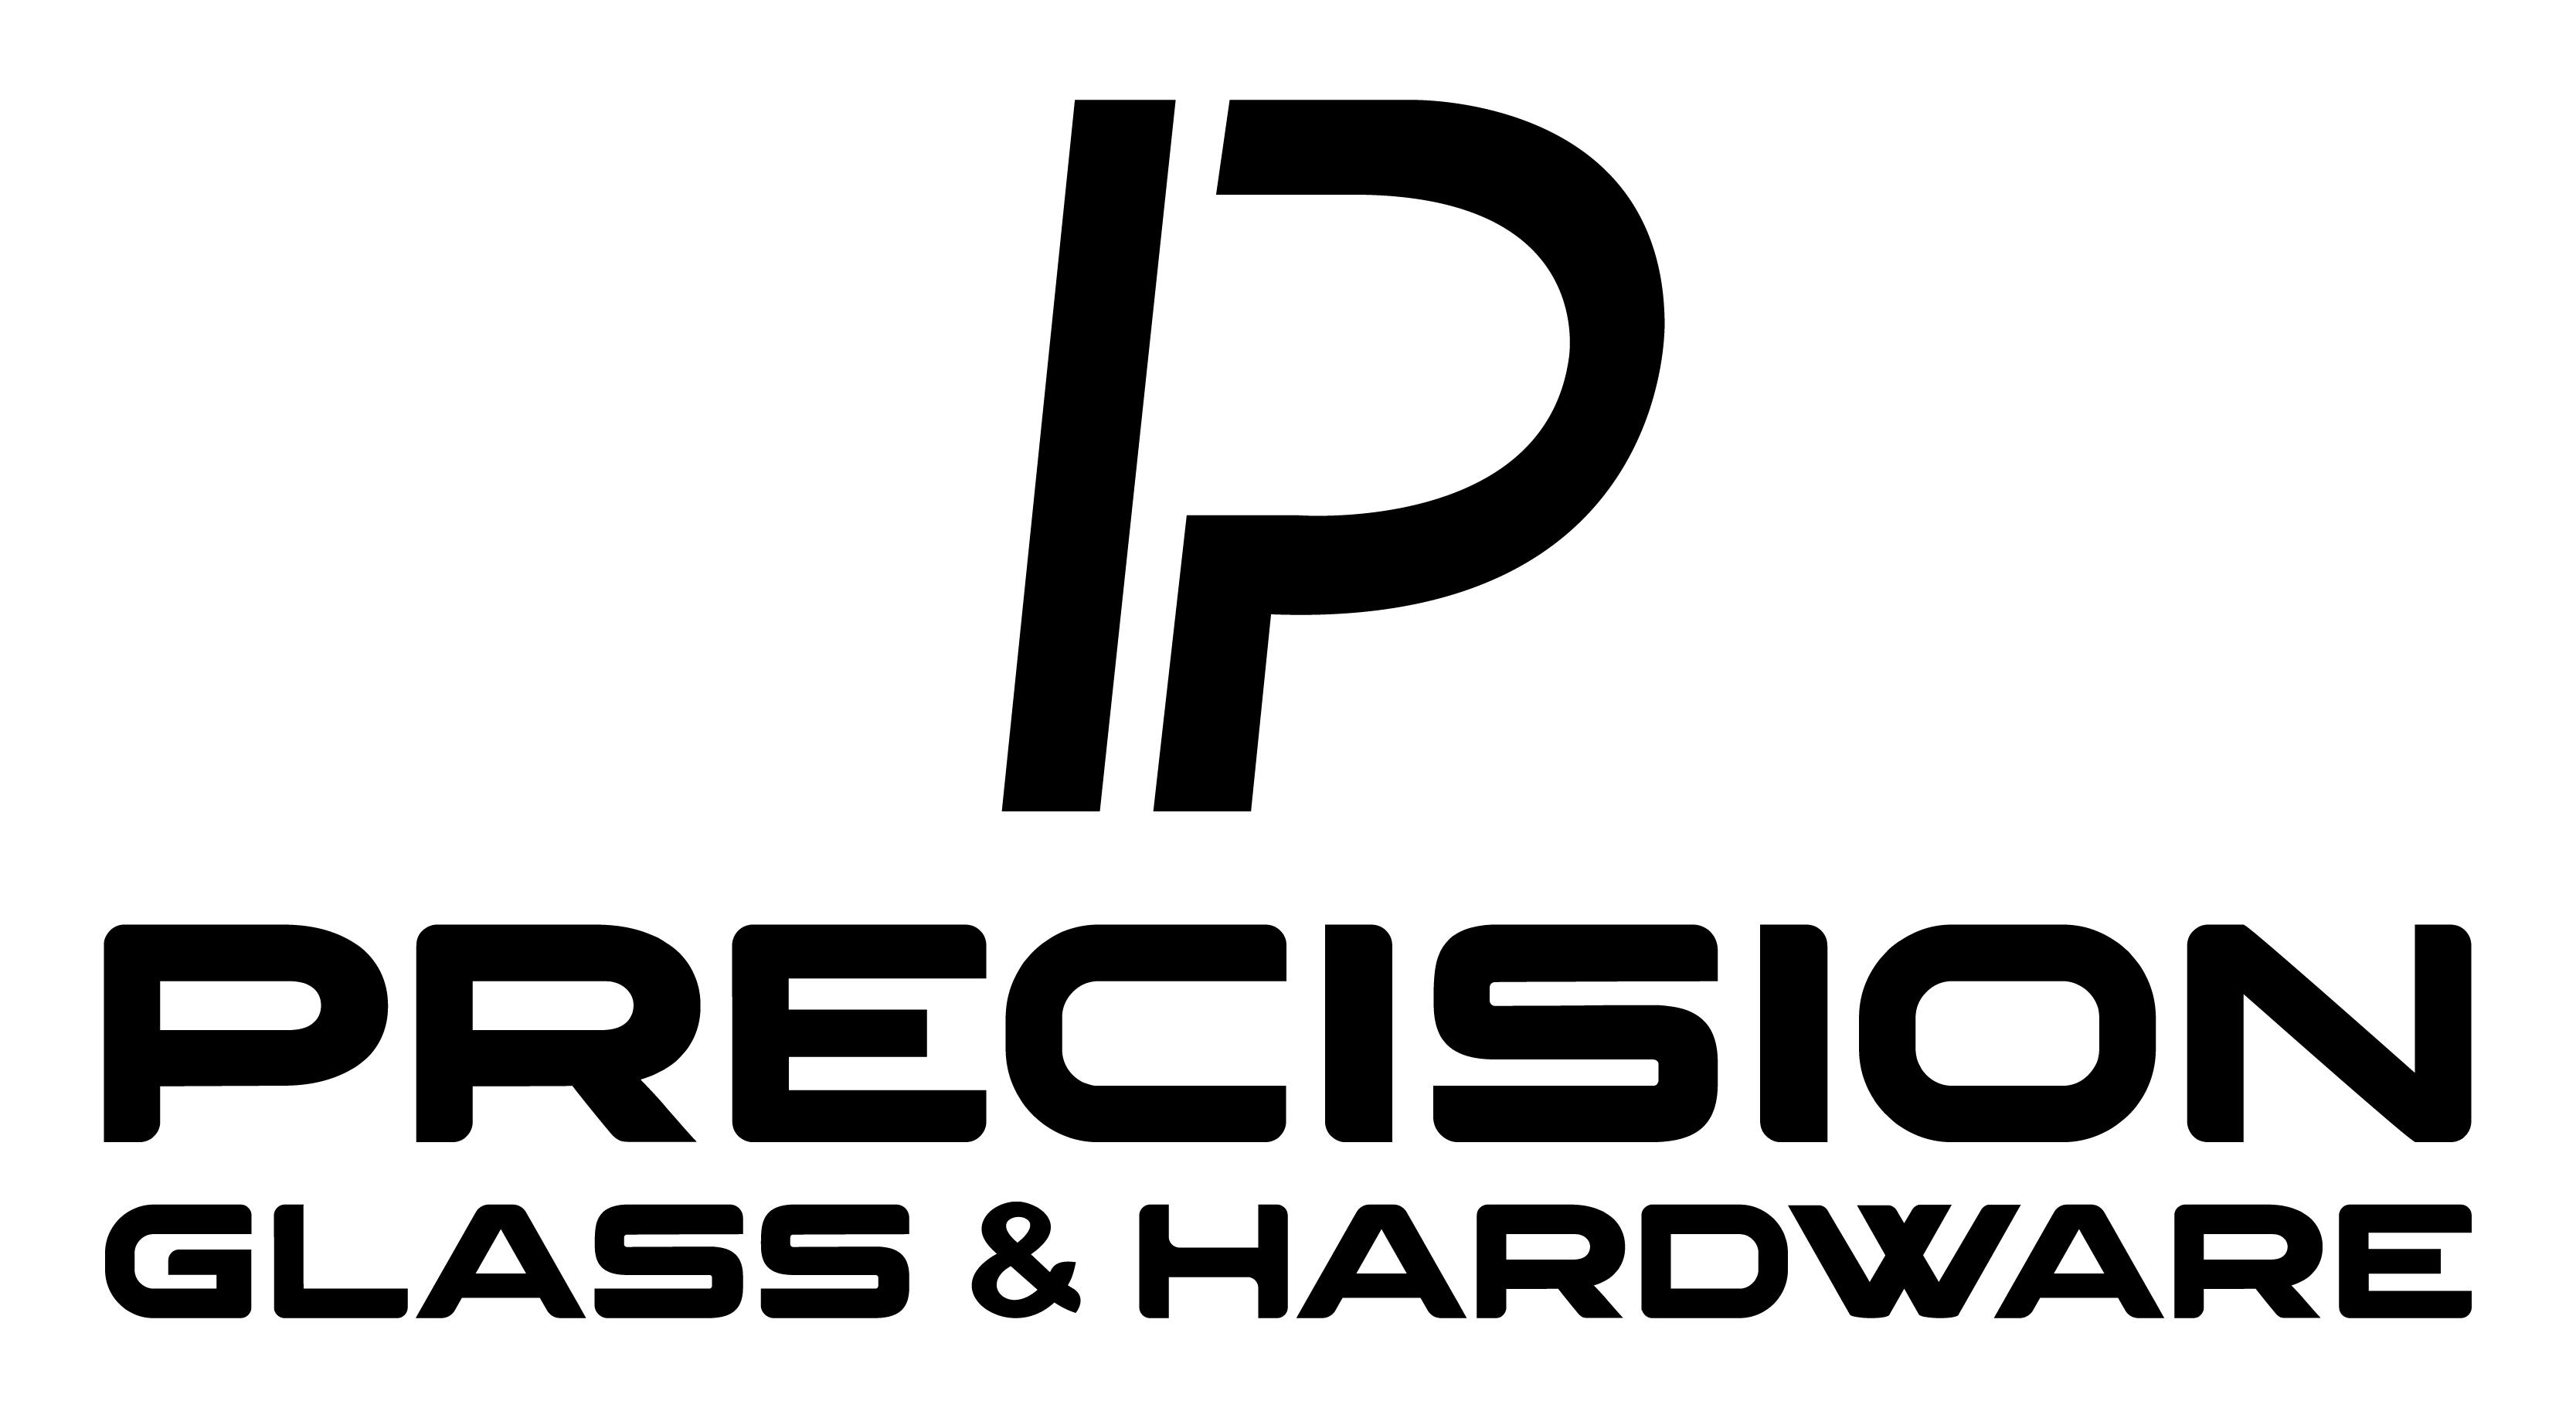 Precision Glass & Hardware